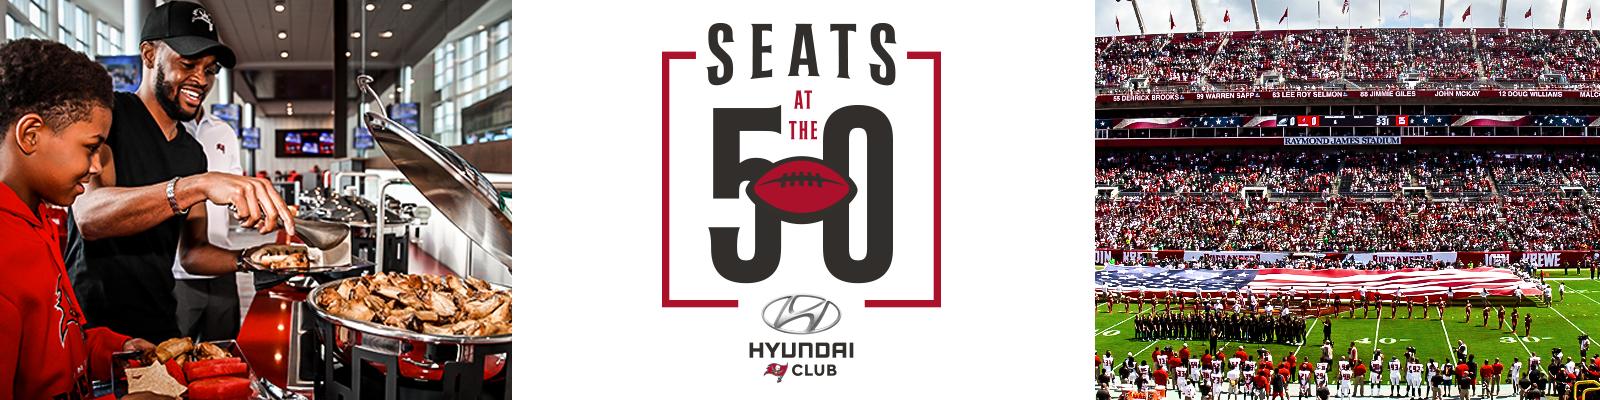 Seats at the 50